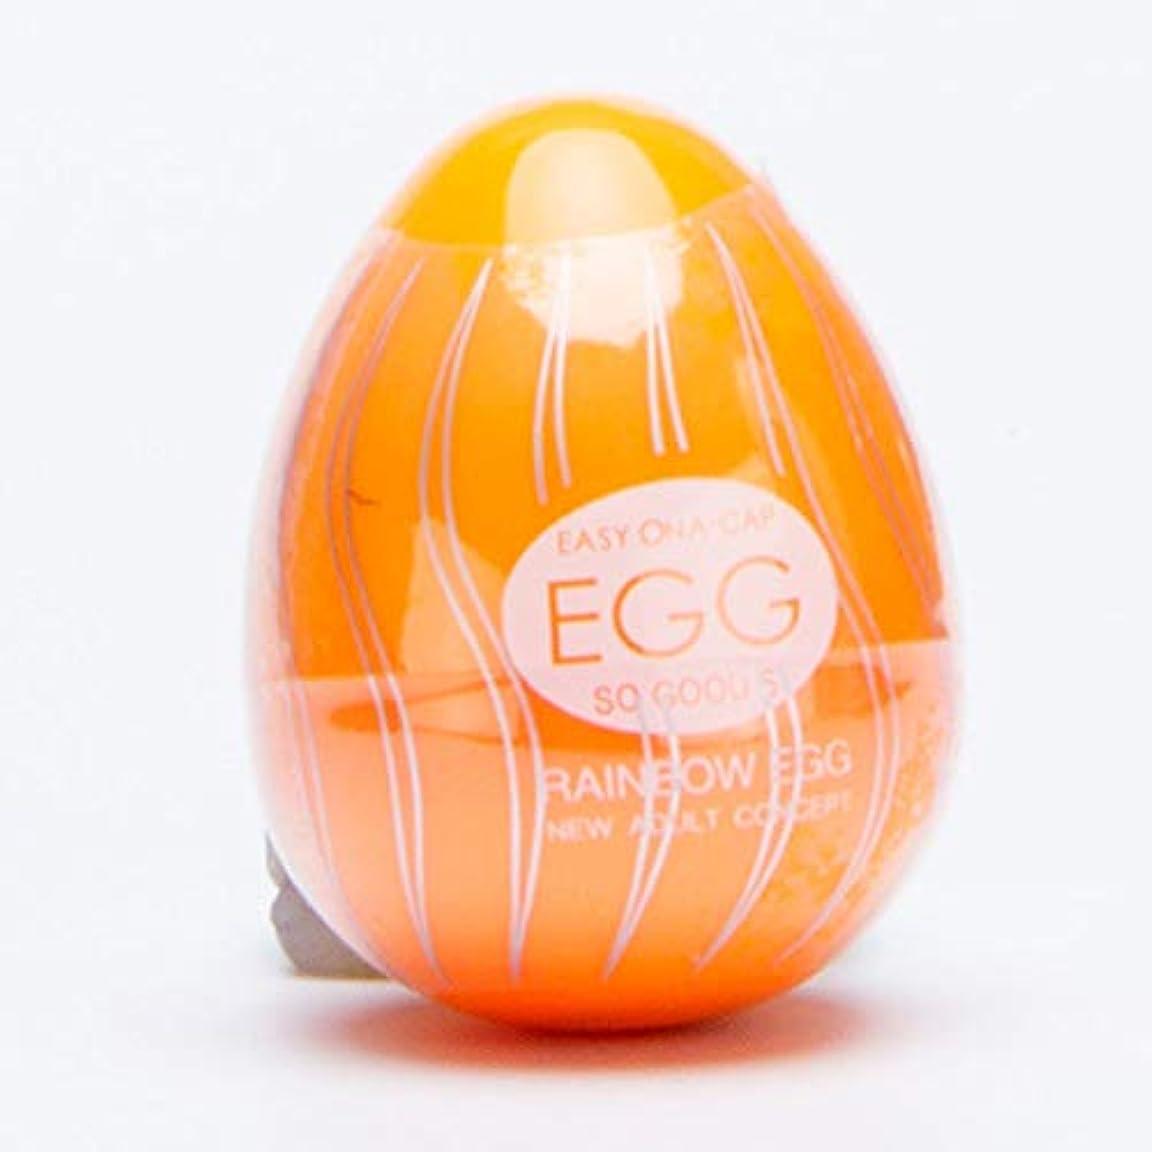 振動する潤滑する使役Rabugoo 大人のおもちゃ 男性の性のおもちゃの陰茎のマッサージャーの喜びのセックスレインボーエッグ オレンジ